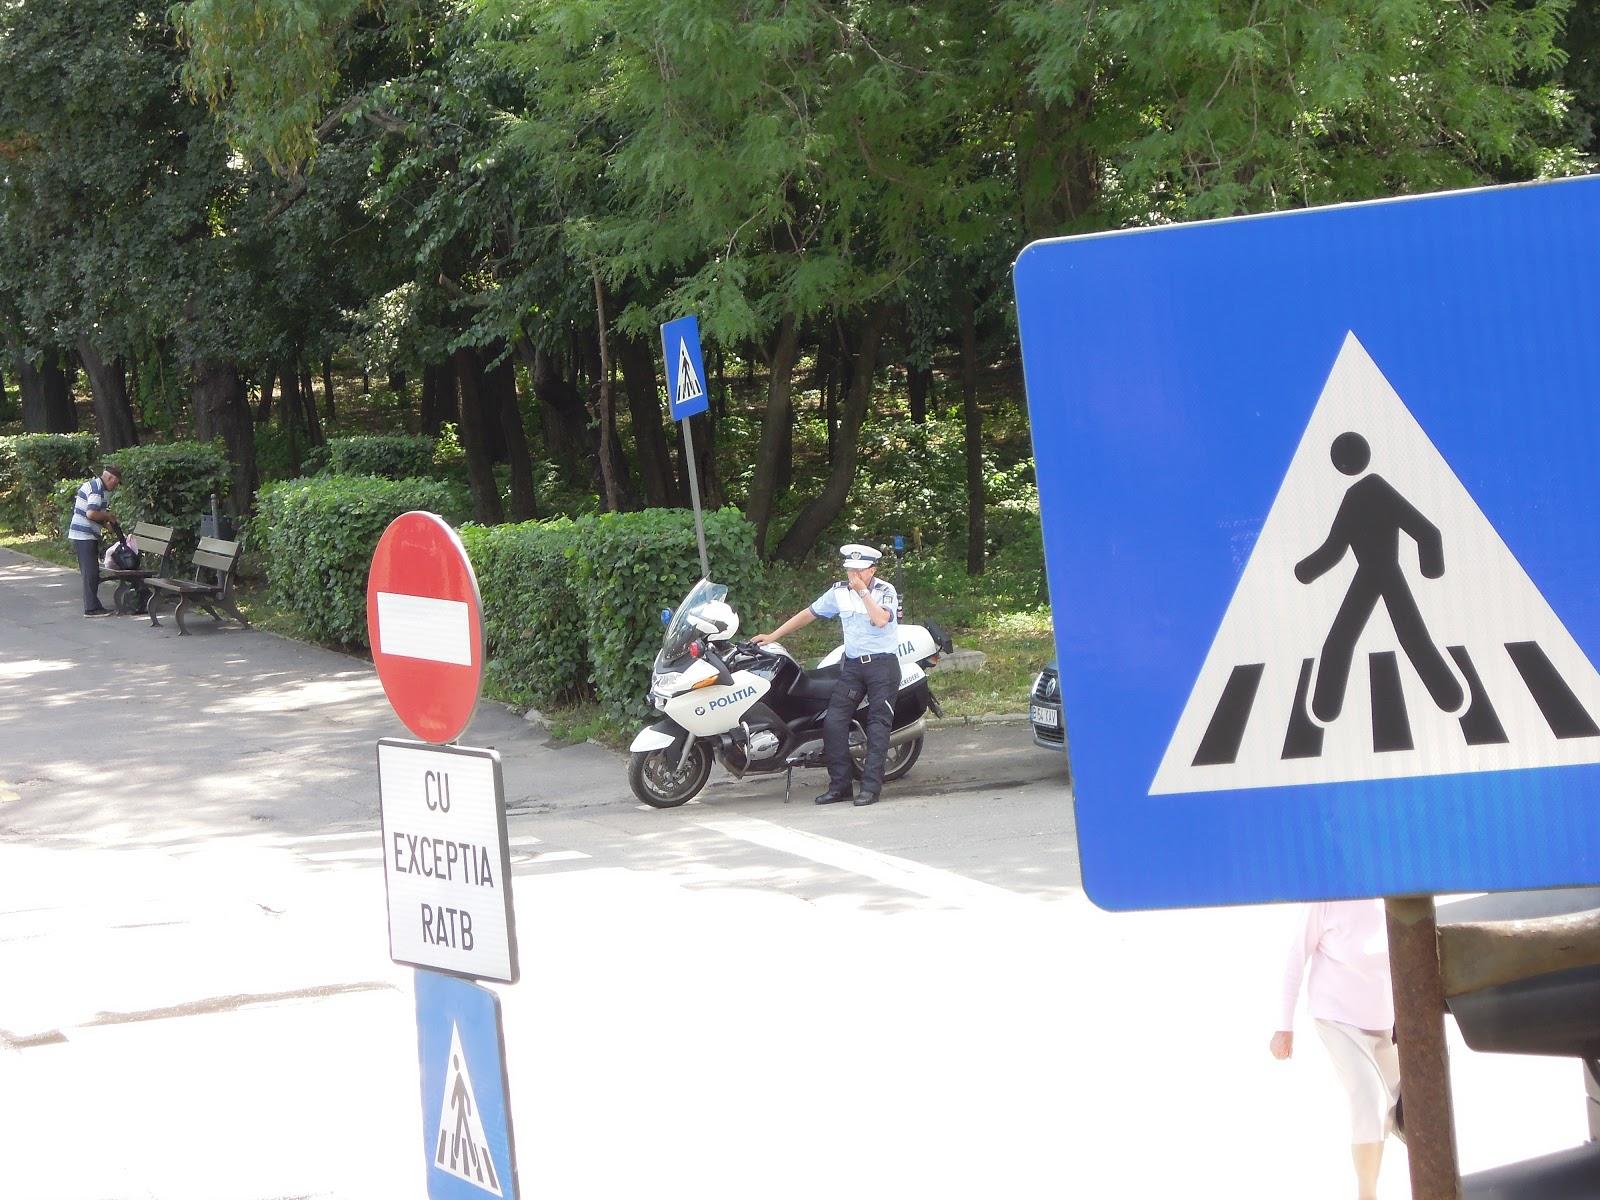 Politist cu motocicleta - București, spre Arcul de Triumf